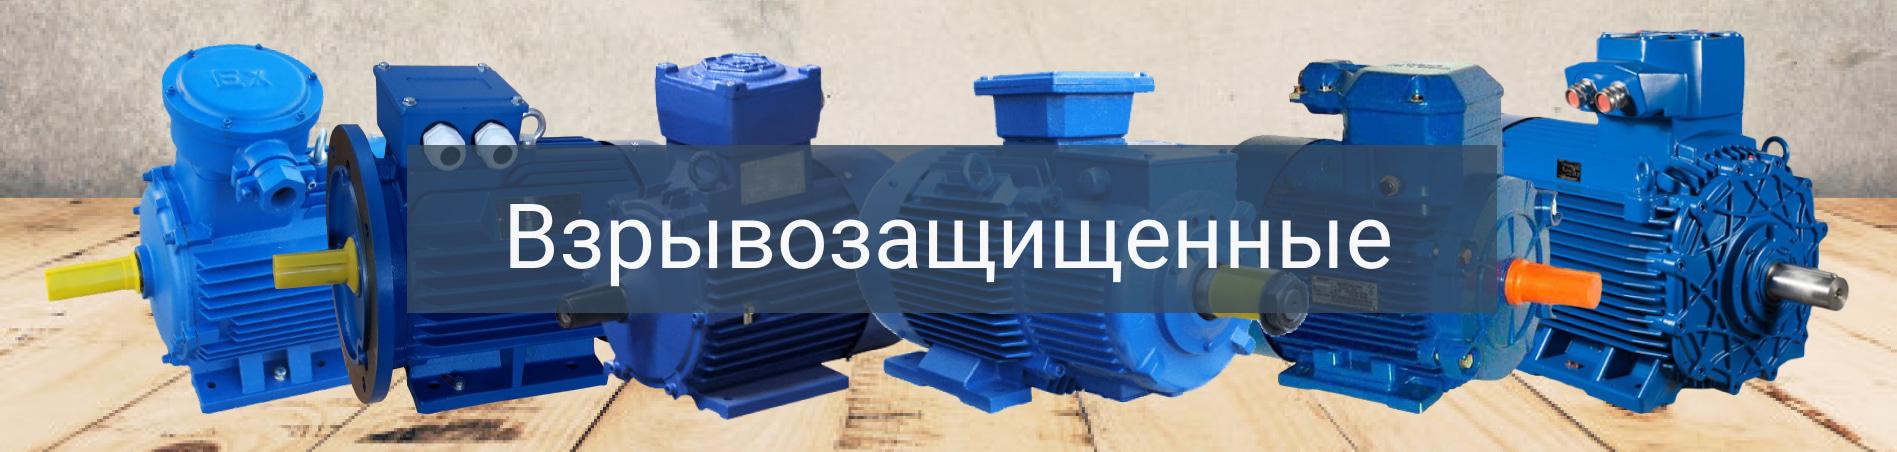 Взрывозащищенные электродвигатели 55 квт